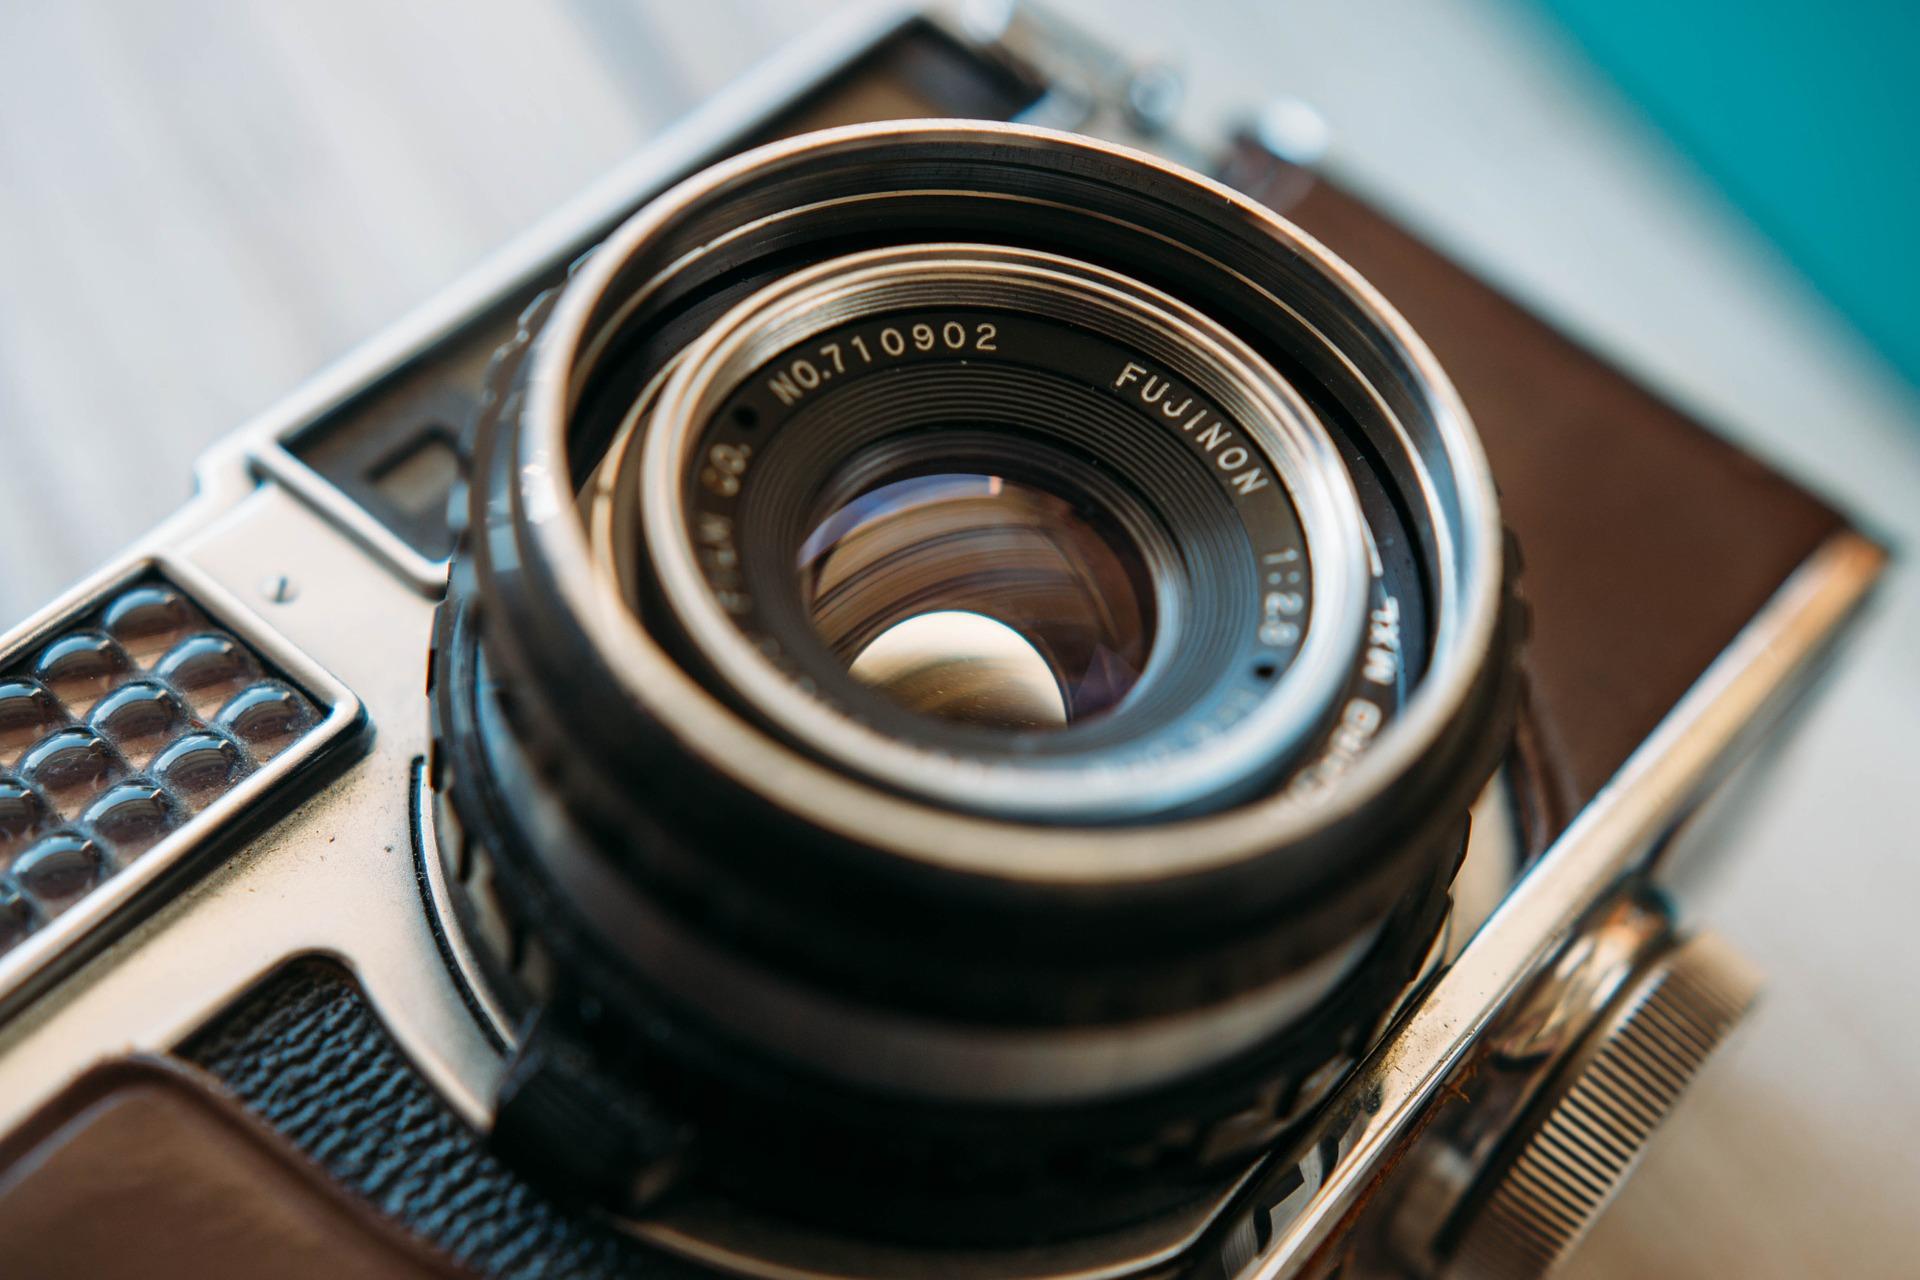 Objetivos con focal fija